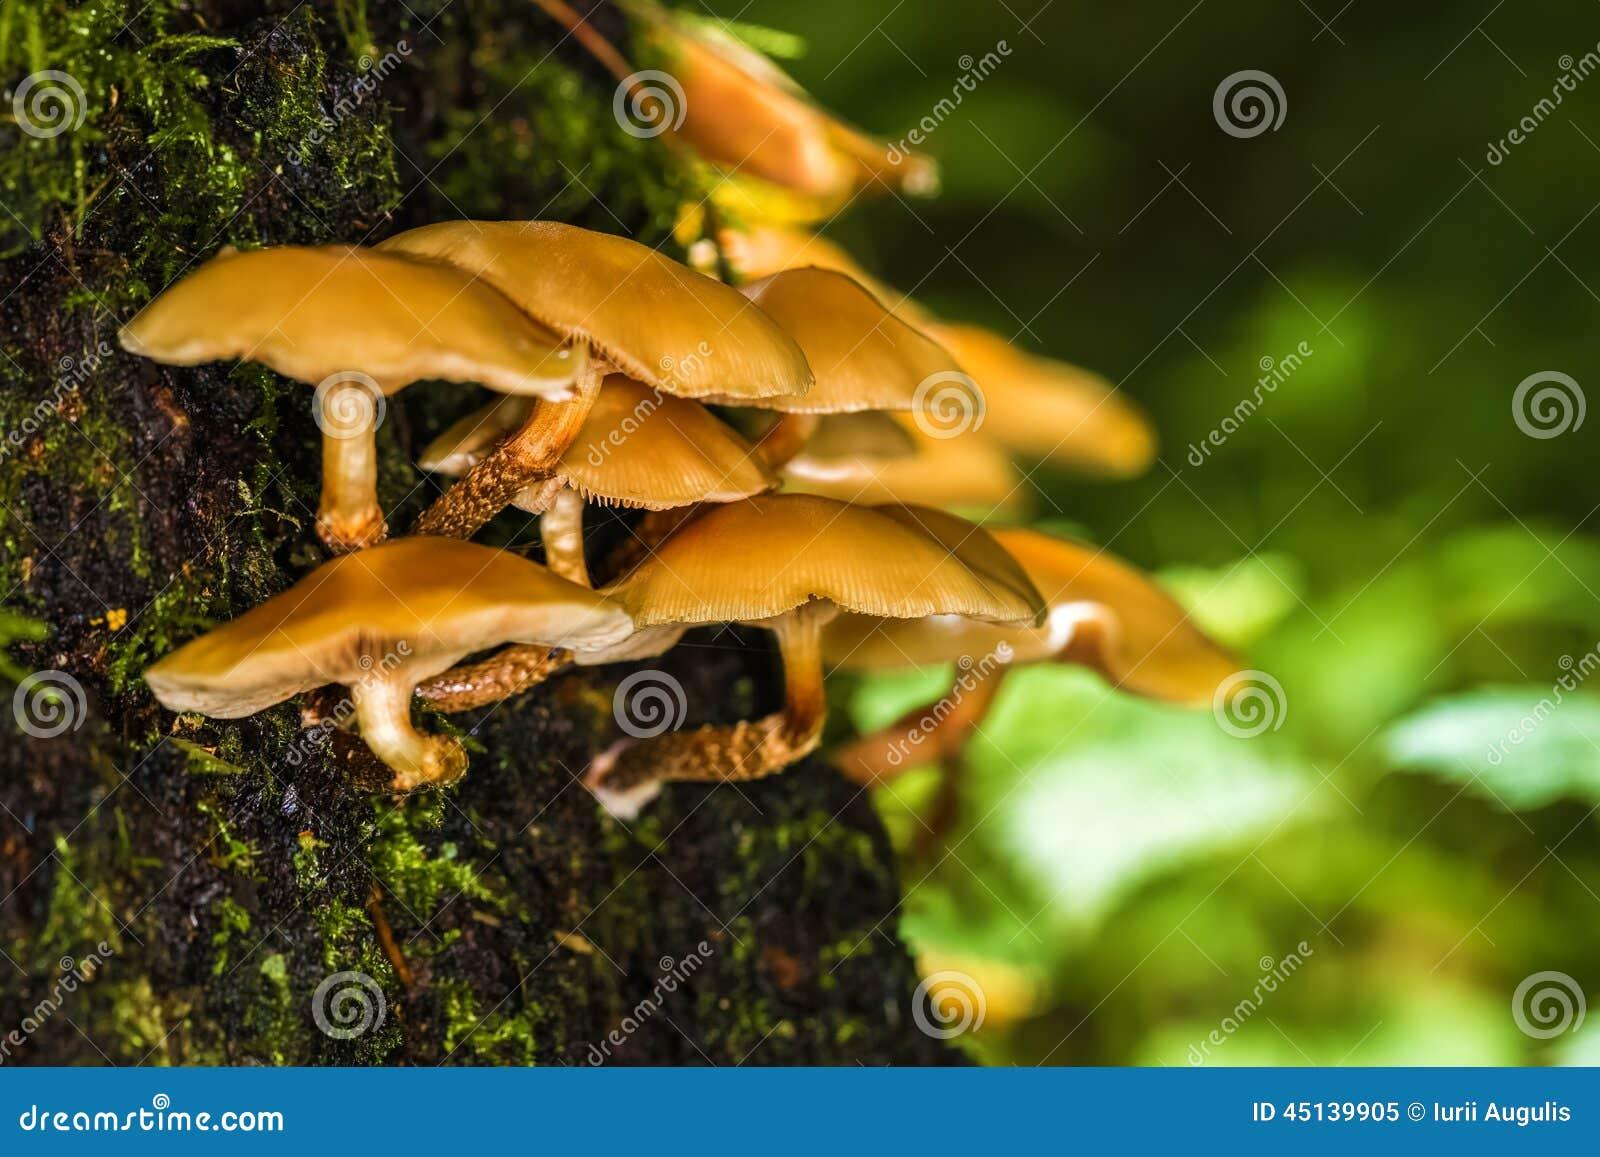 Champignons non comestibles dans la for t sur un tronc d 39 arbre photo stock image 45139905 - Champignon sur tronc d arbre ...